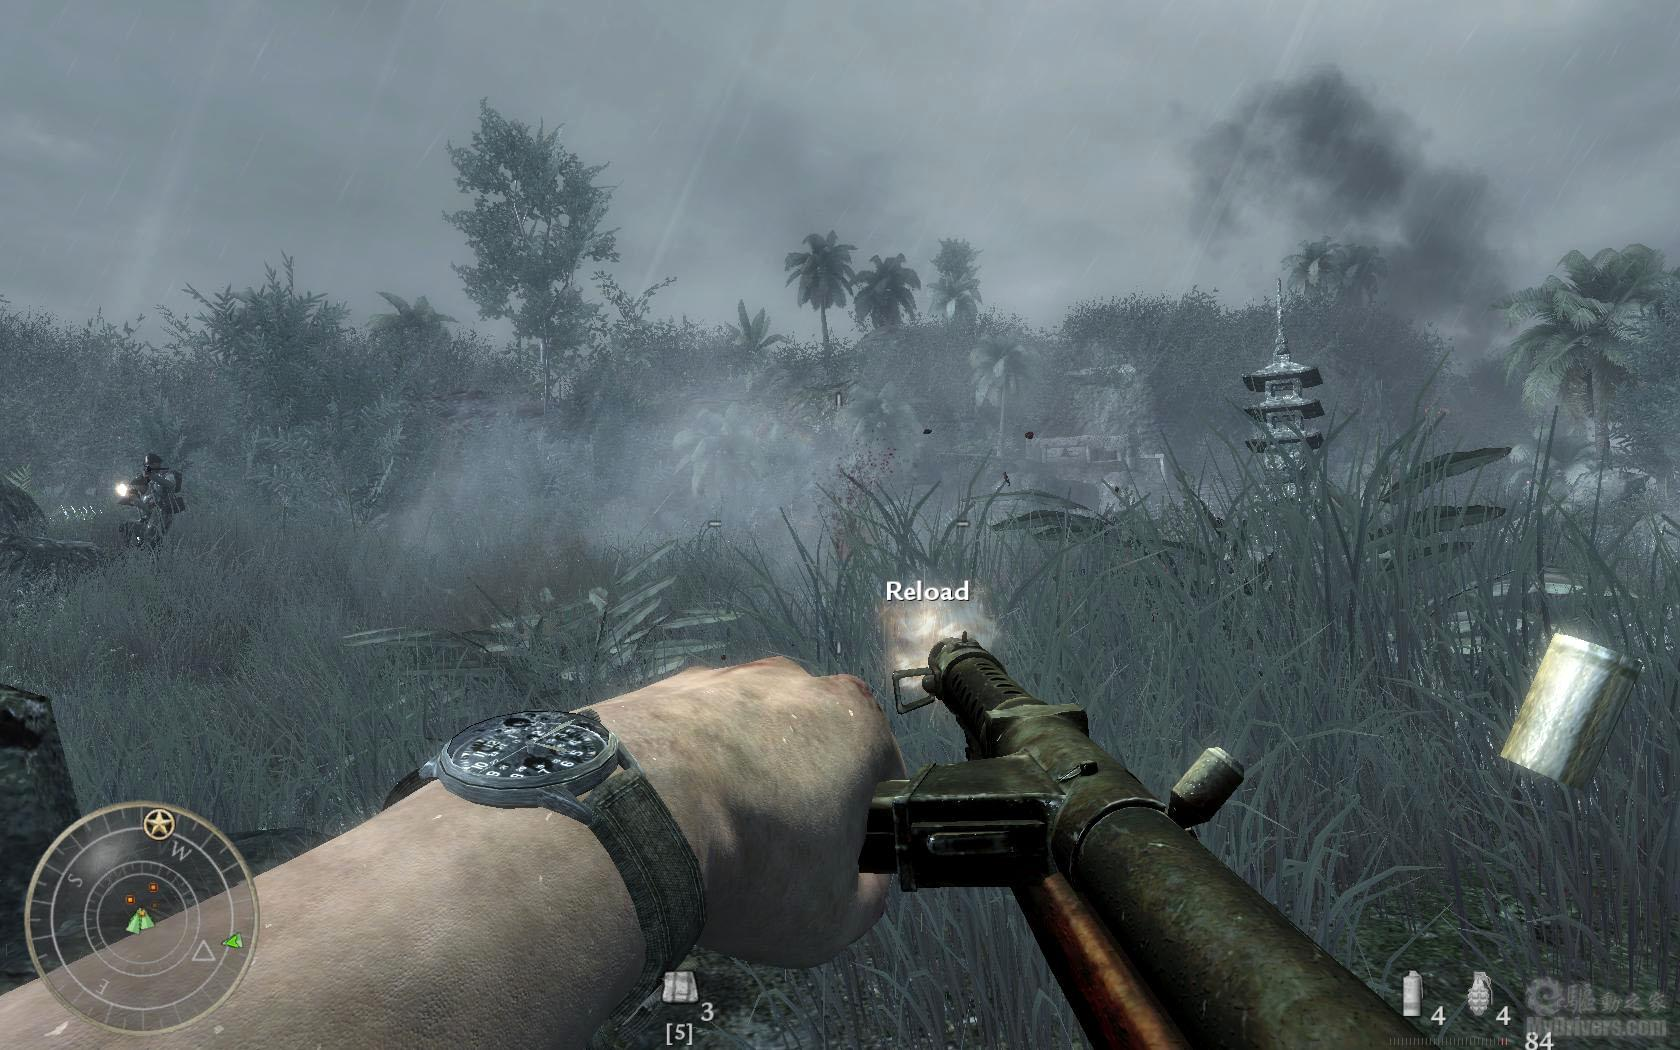 塞班岛,硫磺岛,冲绳岛等著名太平洋战役都将在这款游戏中有所体现.